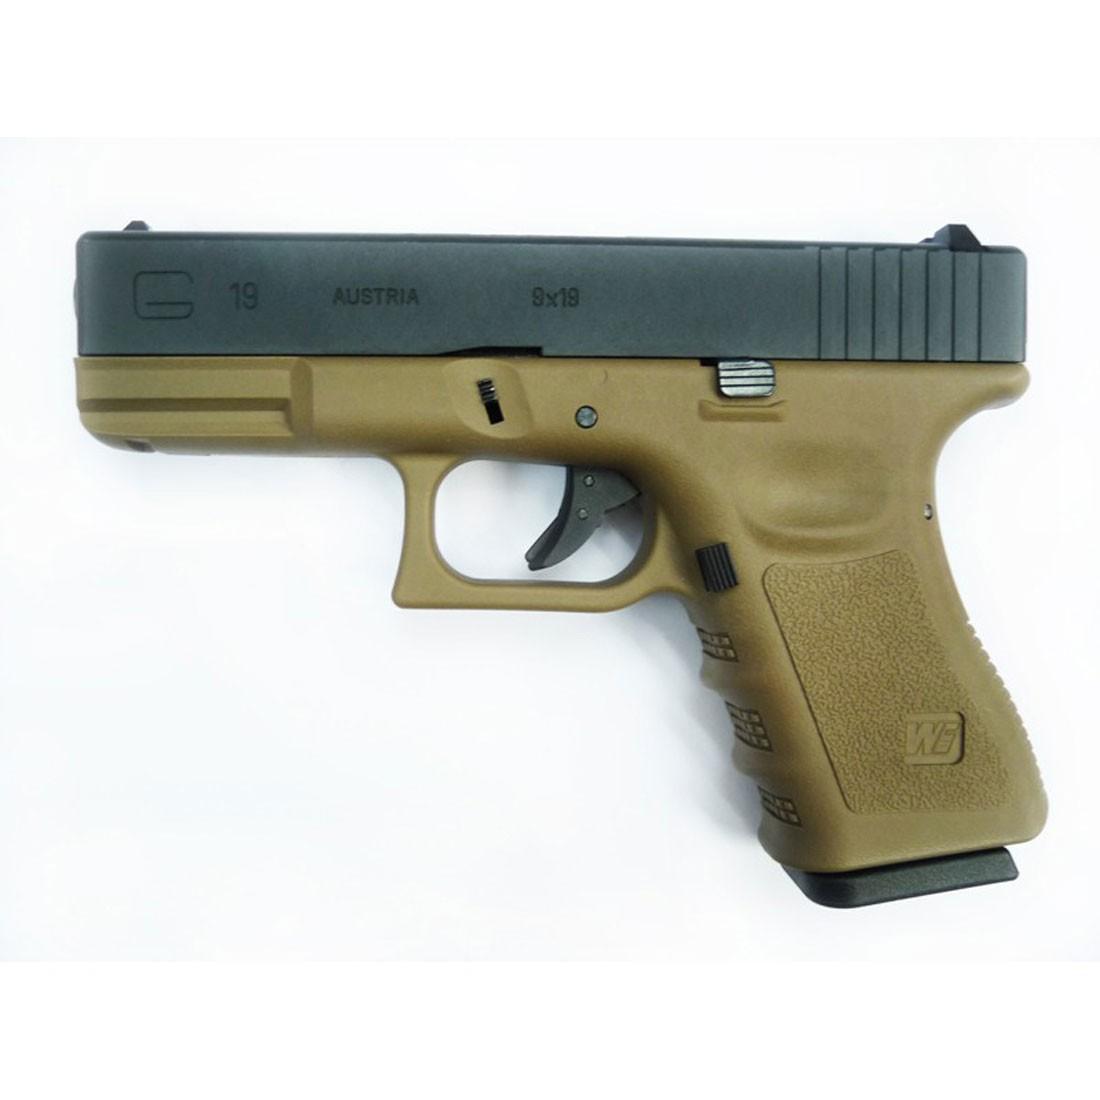 WE Glock 19 Gen 4 GBB Pistol (Tan)